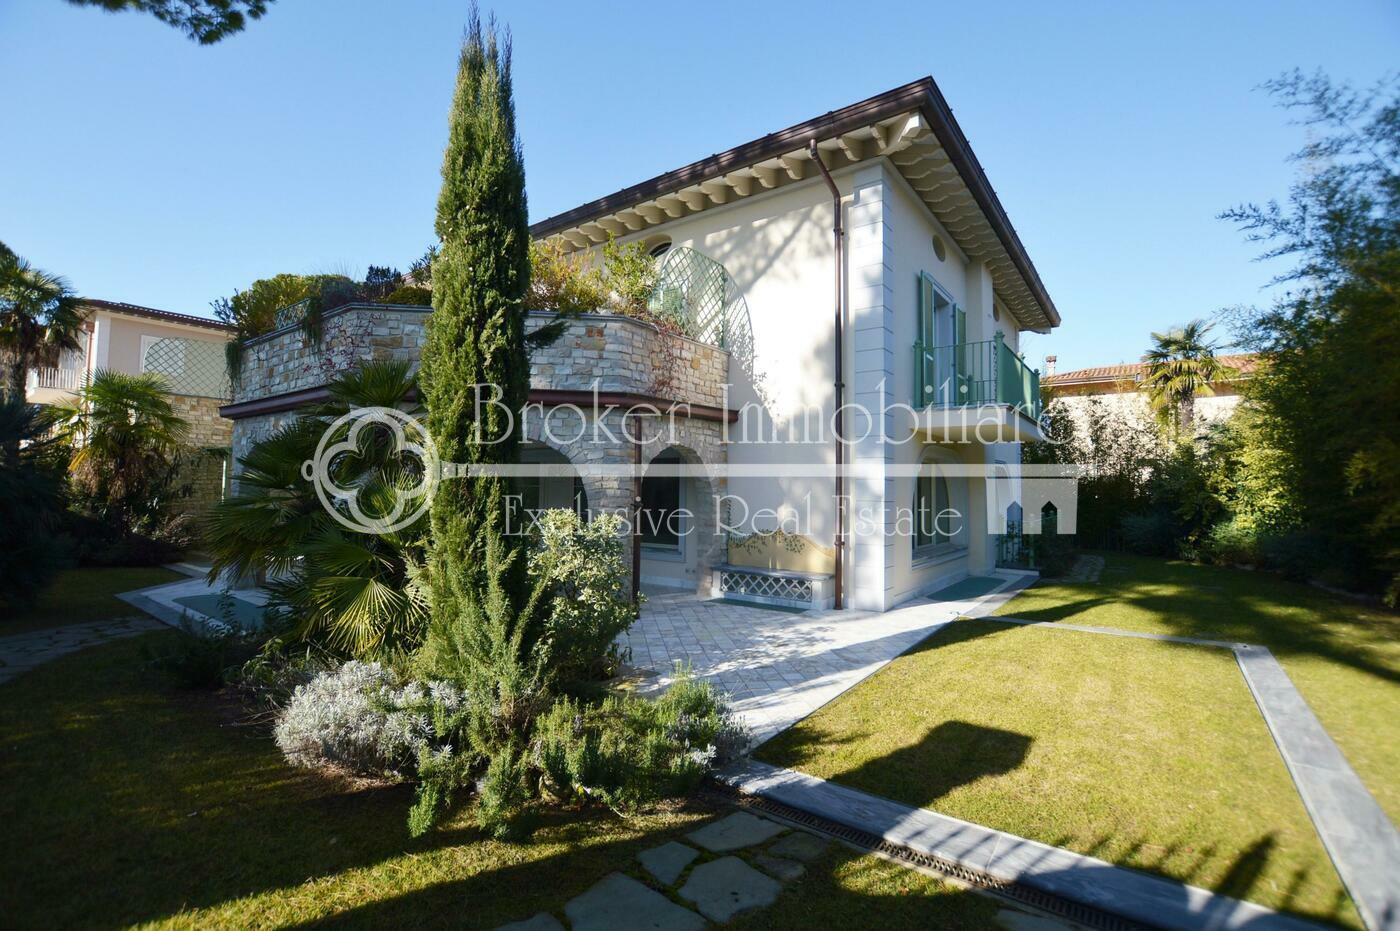 Villa in vendita a Forte dei Marmi con piscina interna a soli 400 metri dal mare